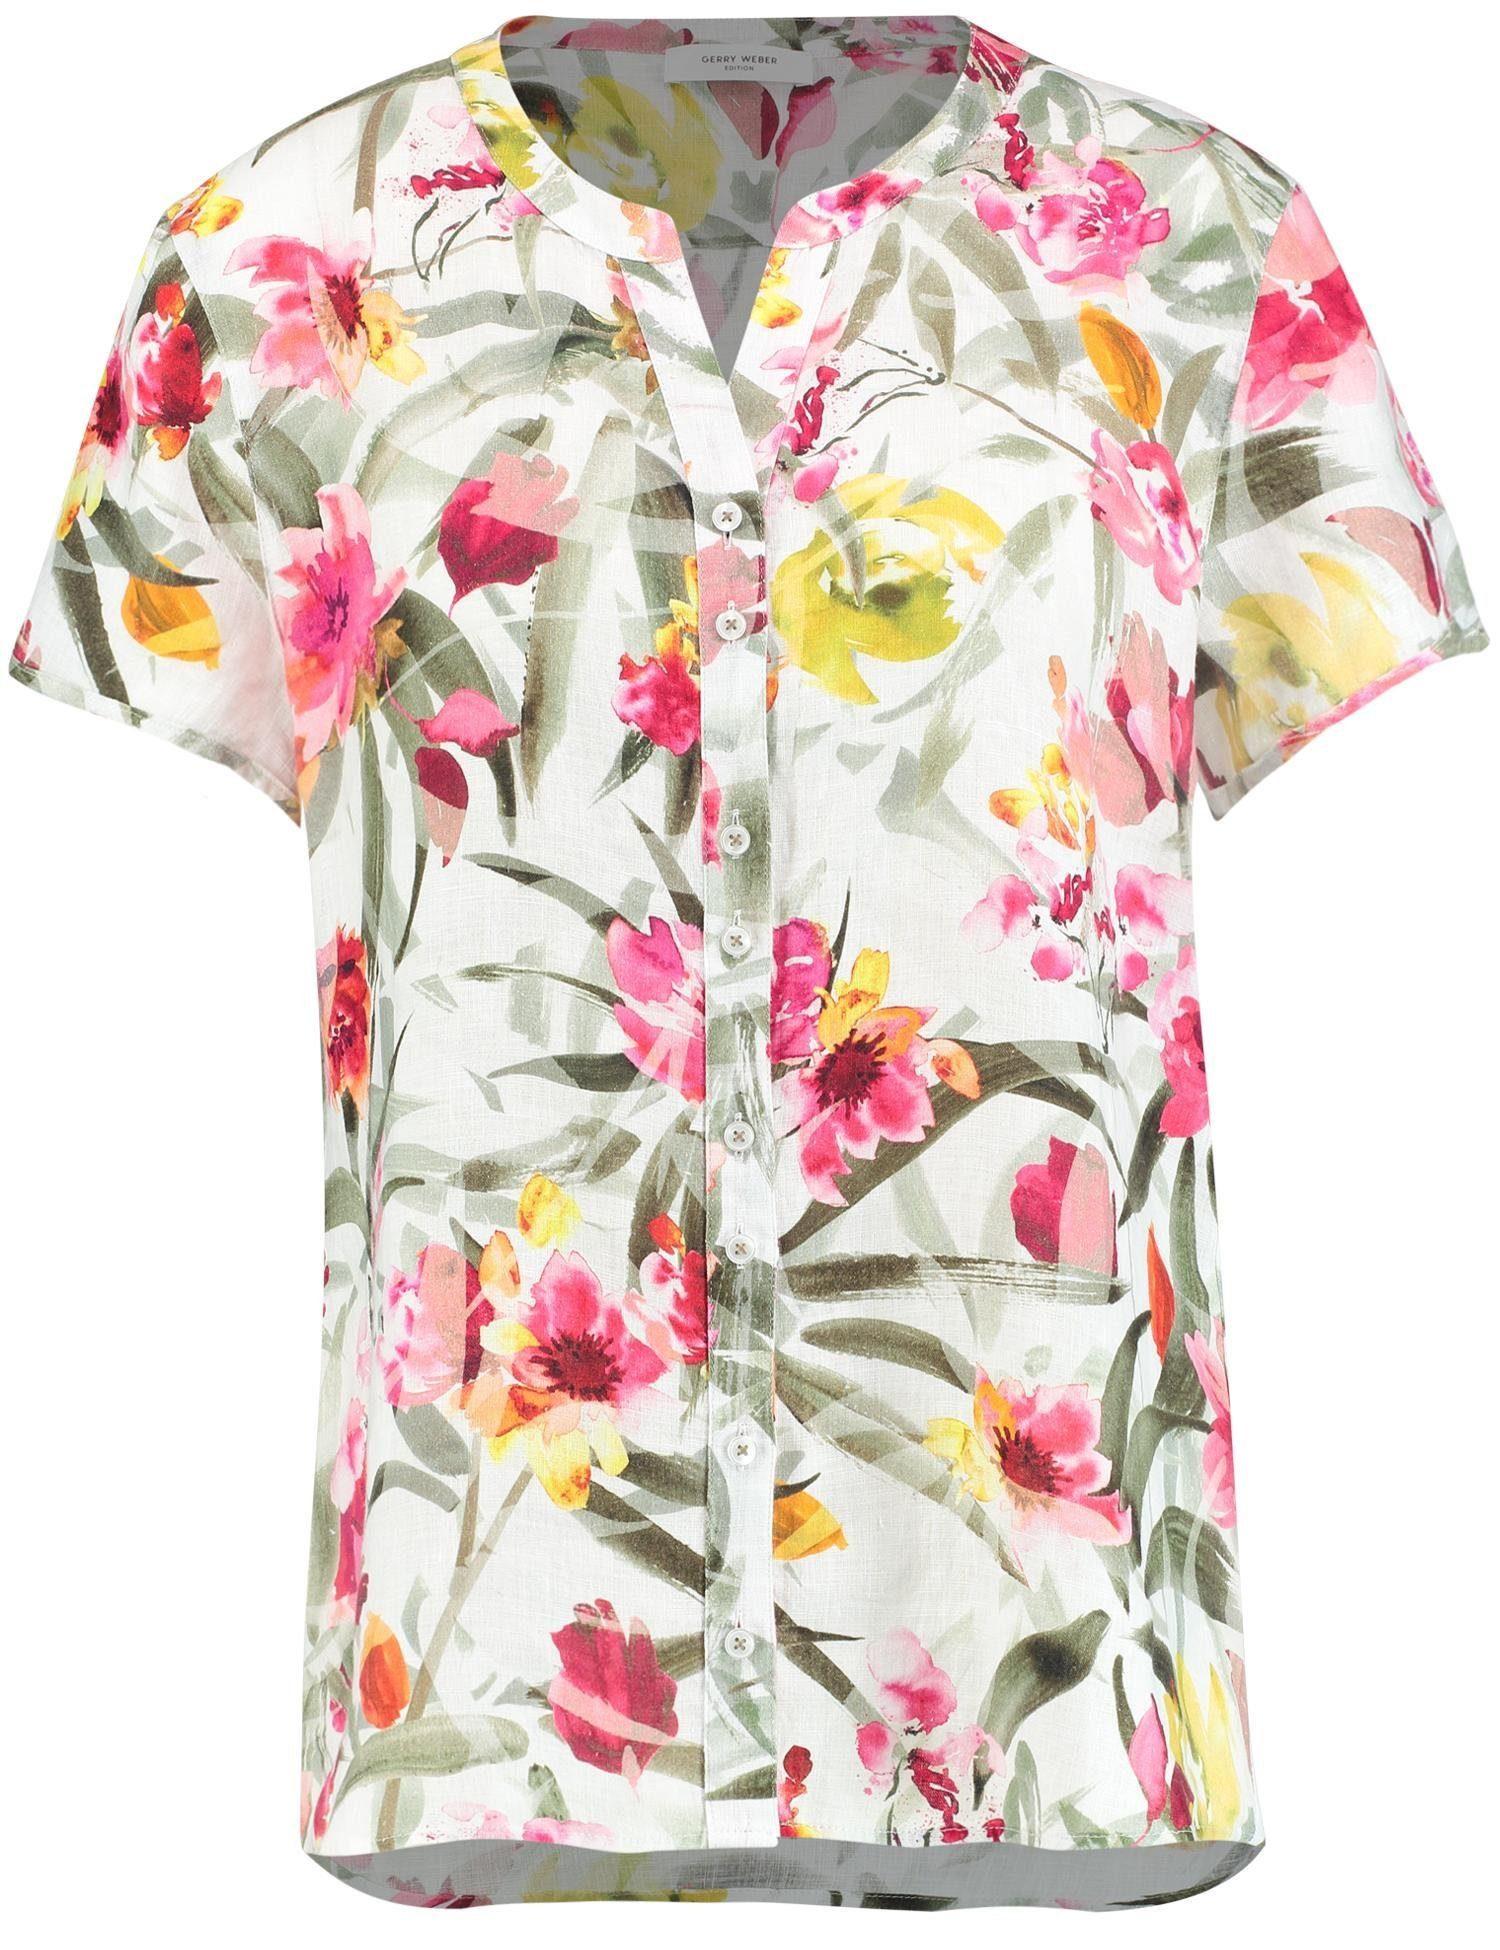 GERRY WEBER Bluse 1/2 Arm Kurzarmbluse mit floralem Print